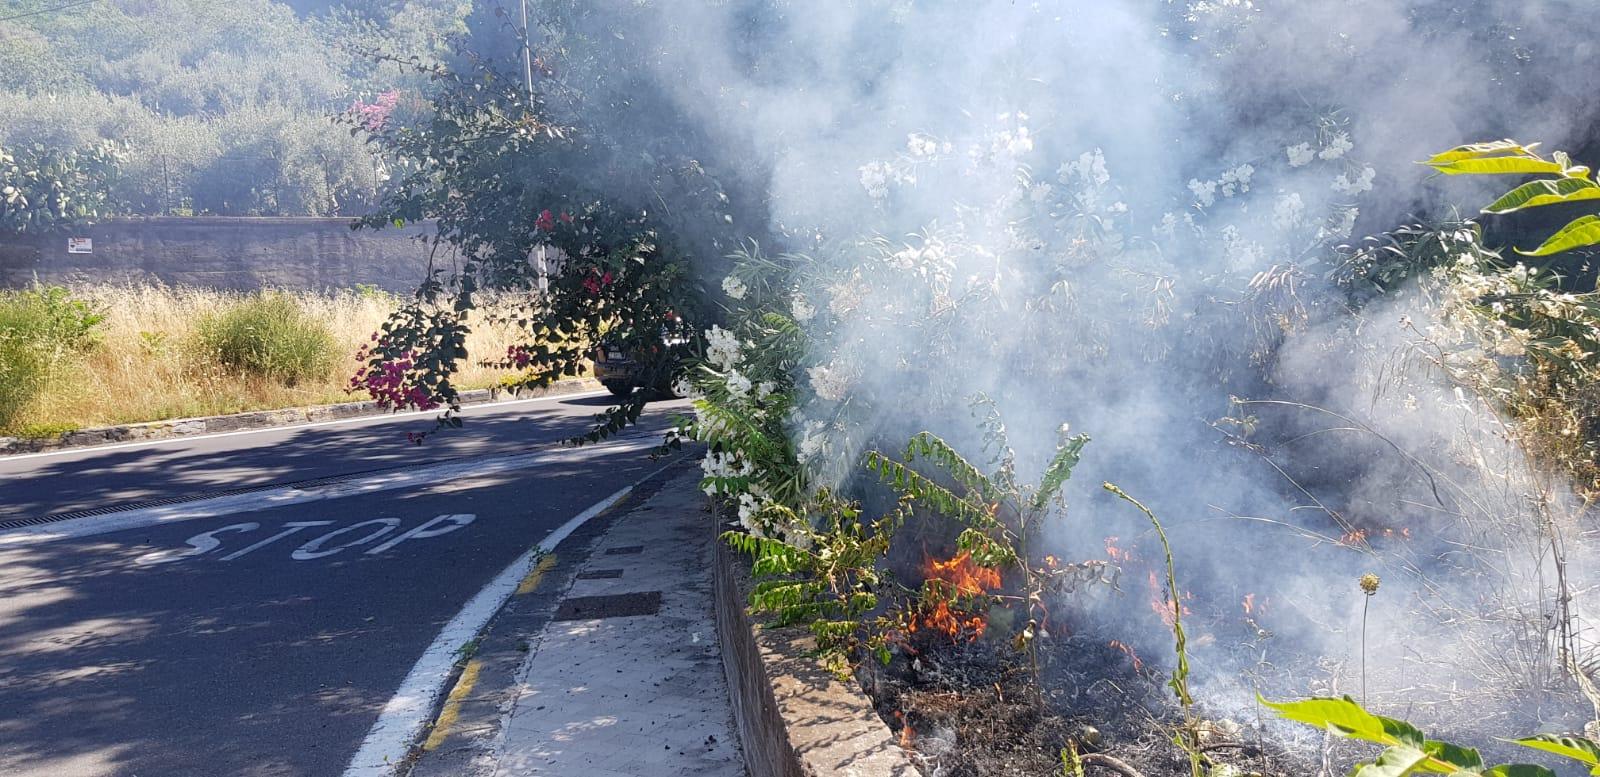 Allarme incendi a San Giovanni Galermo e San Nullo, la preoccupazione del consigliere Zingale